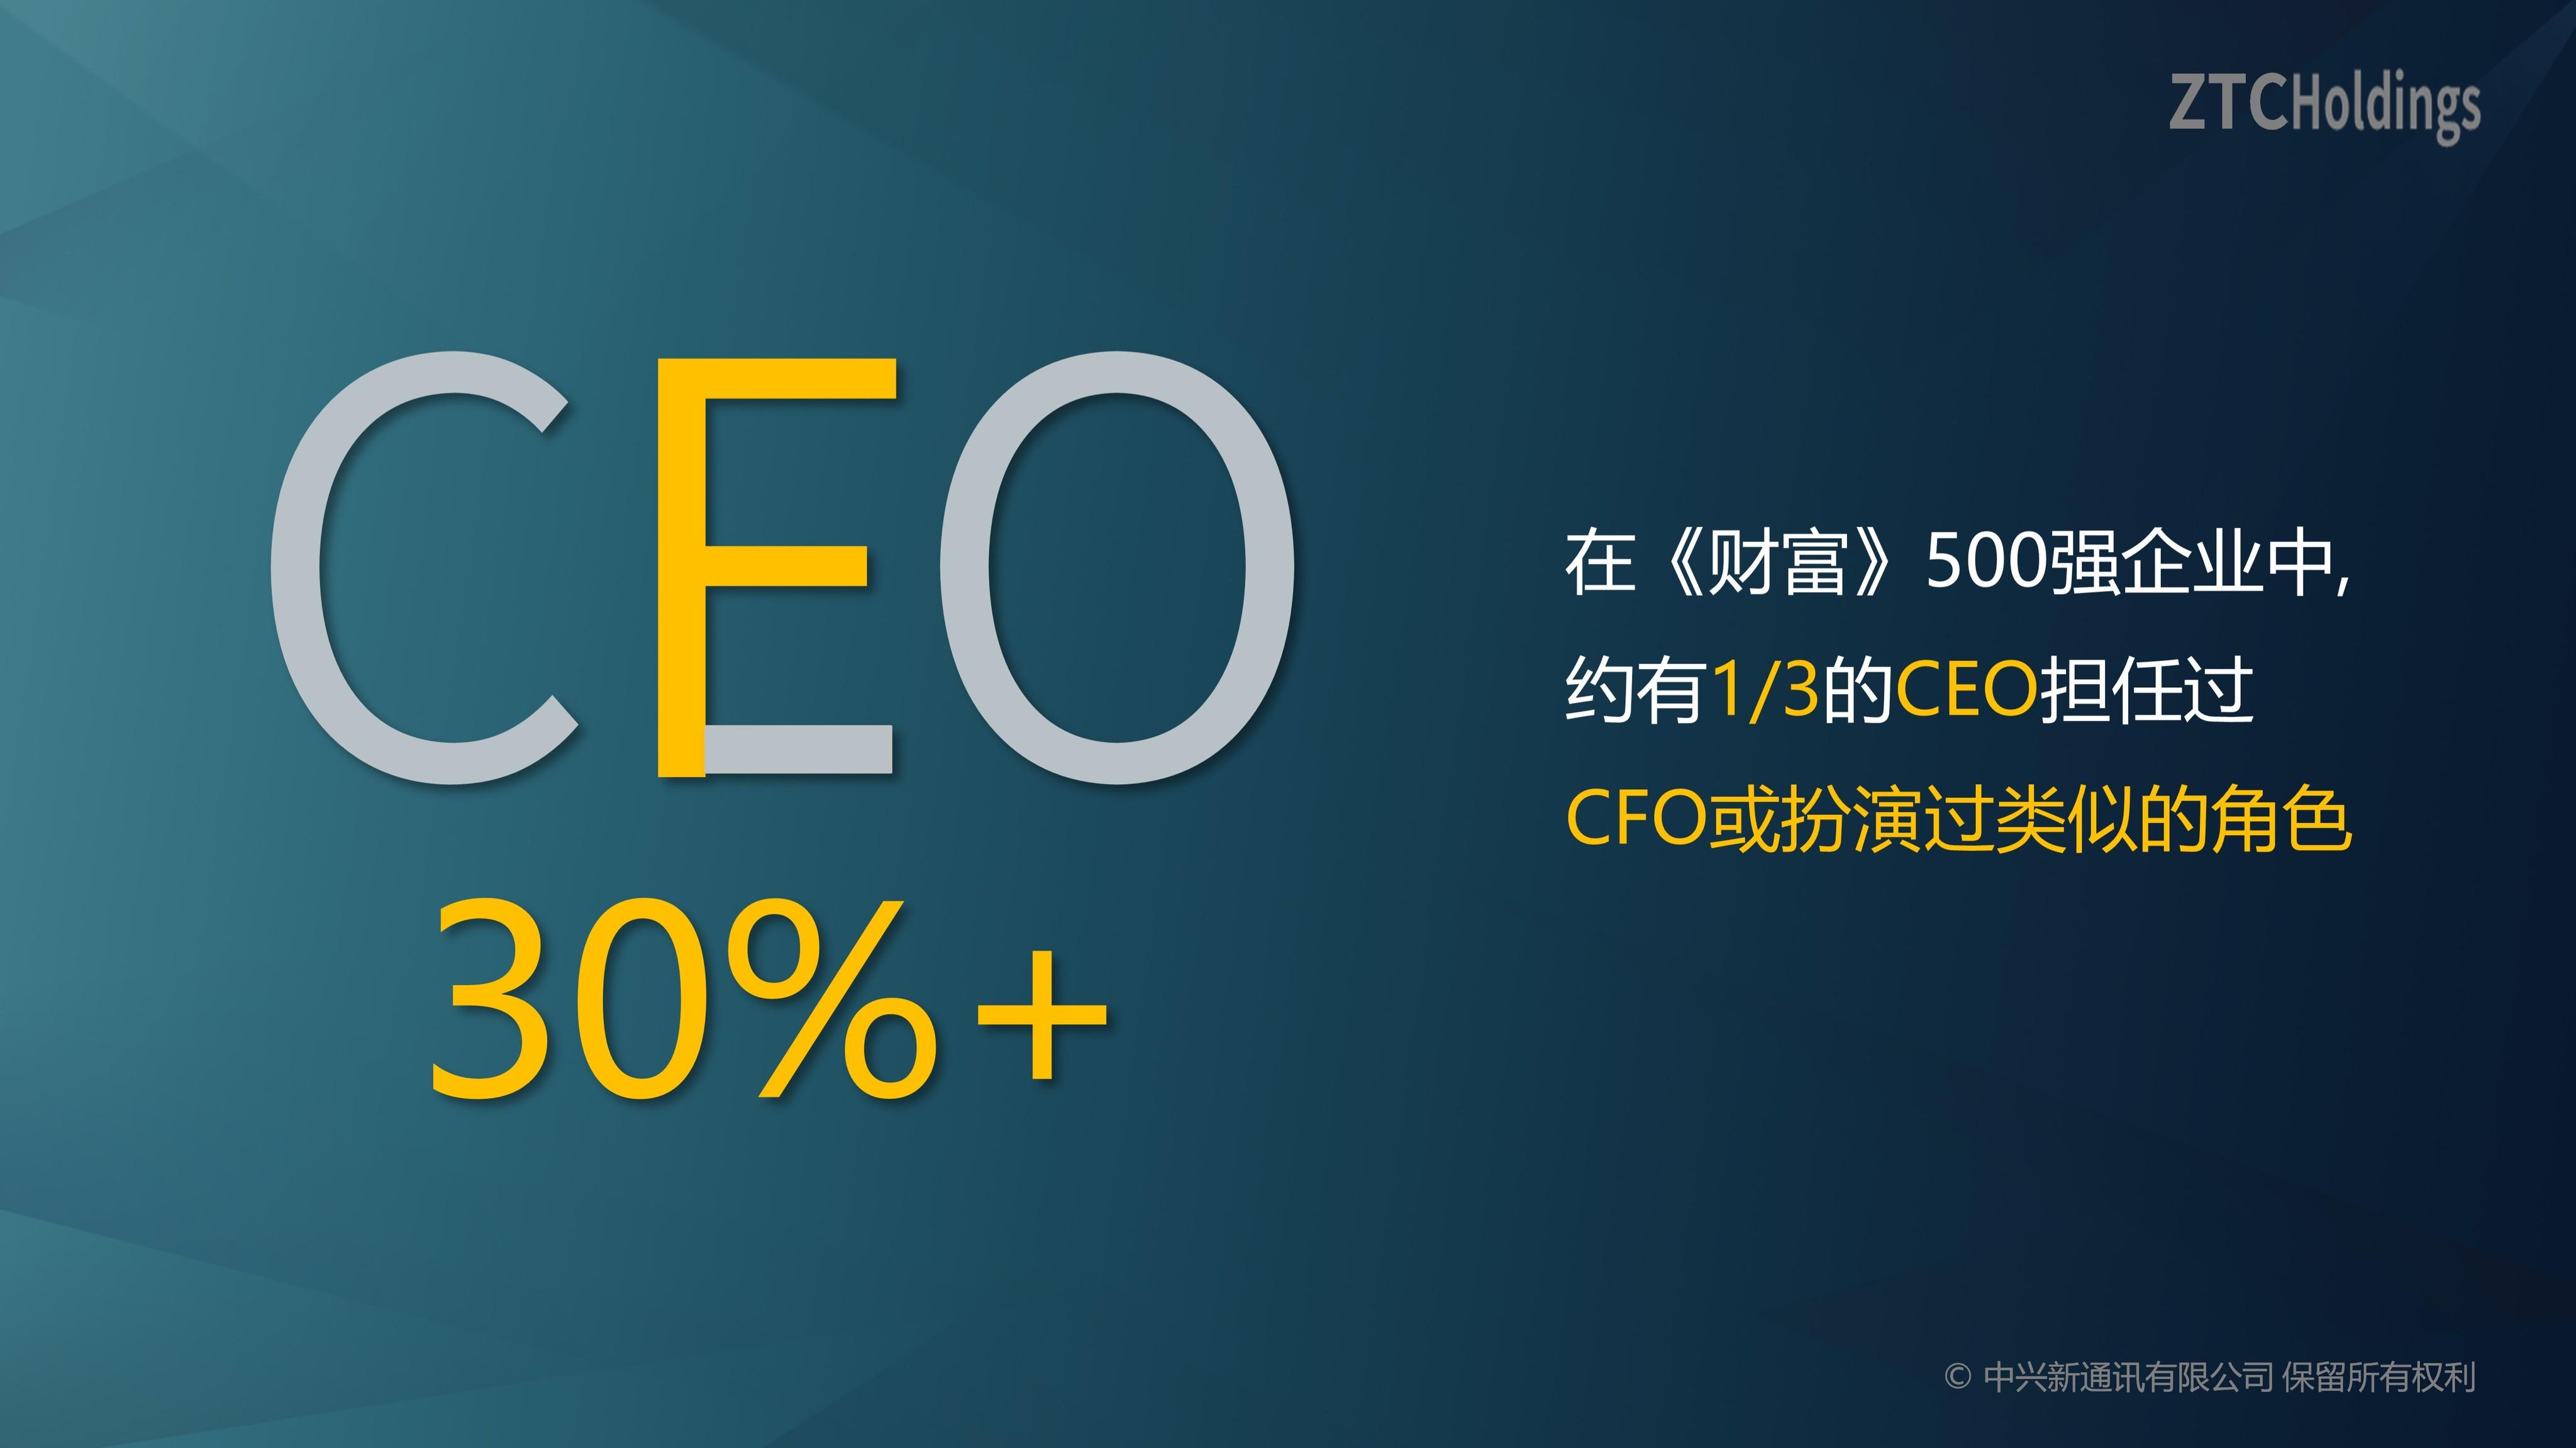 CFO-CEO.jpg